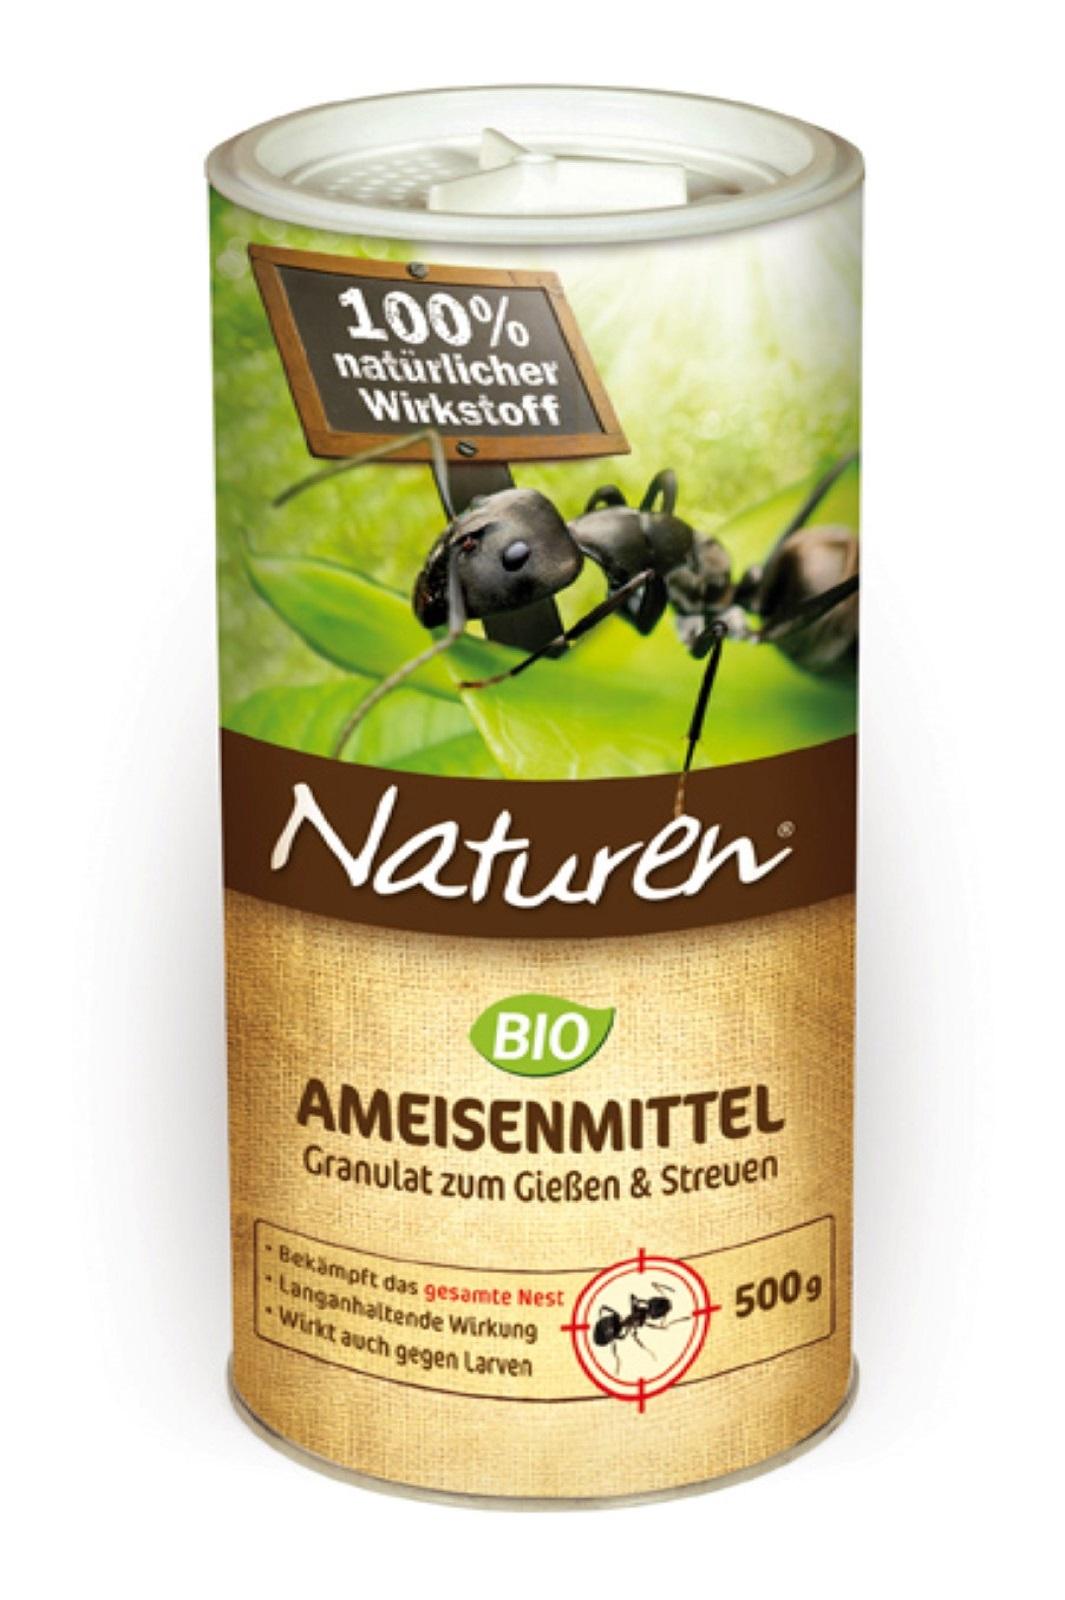 Naturen BIO Ameisenmittel 500g